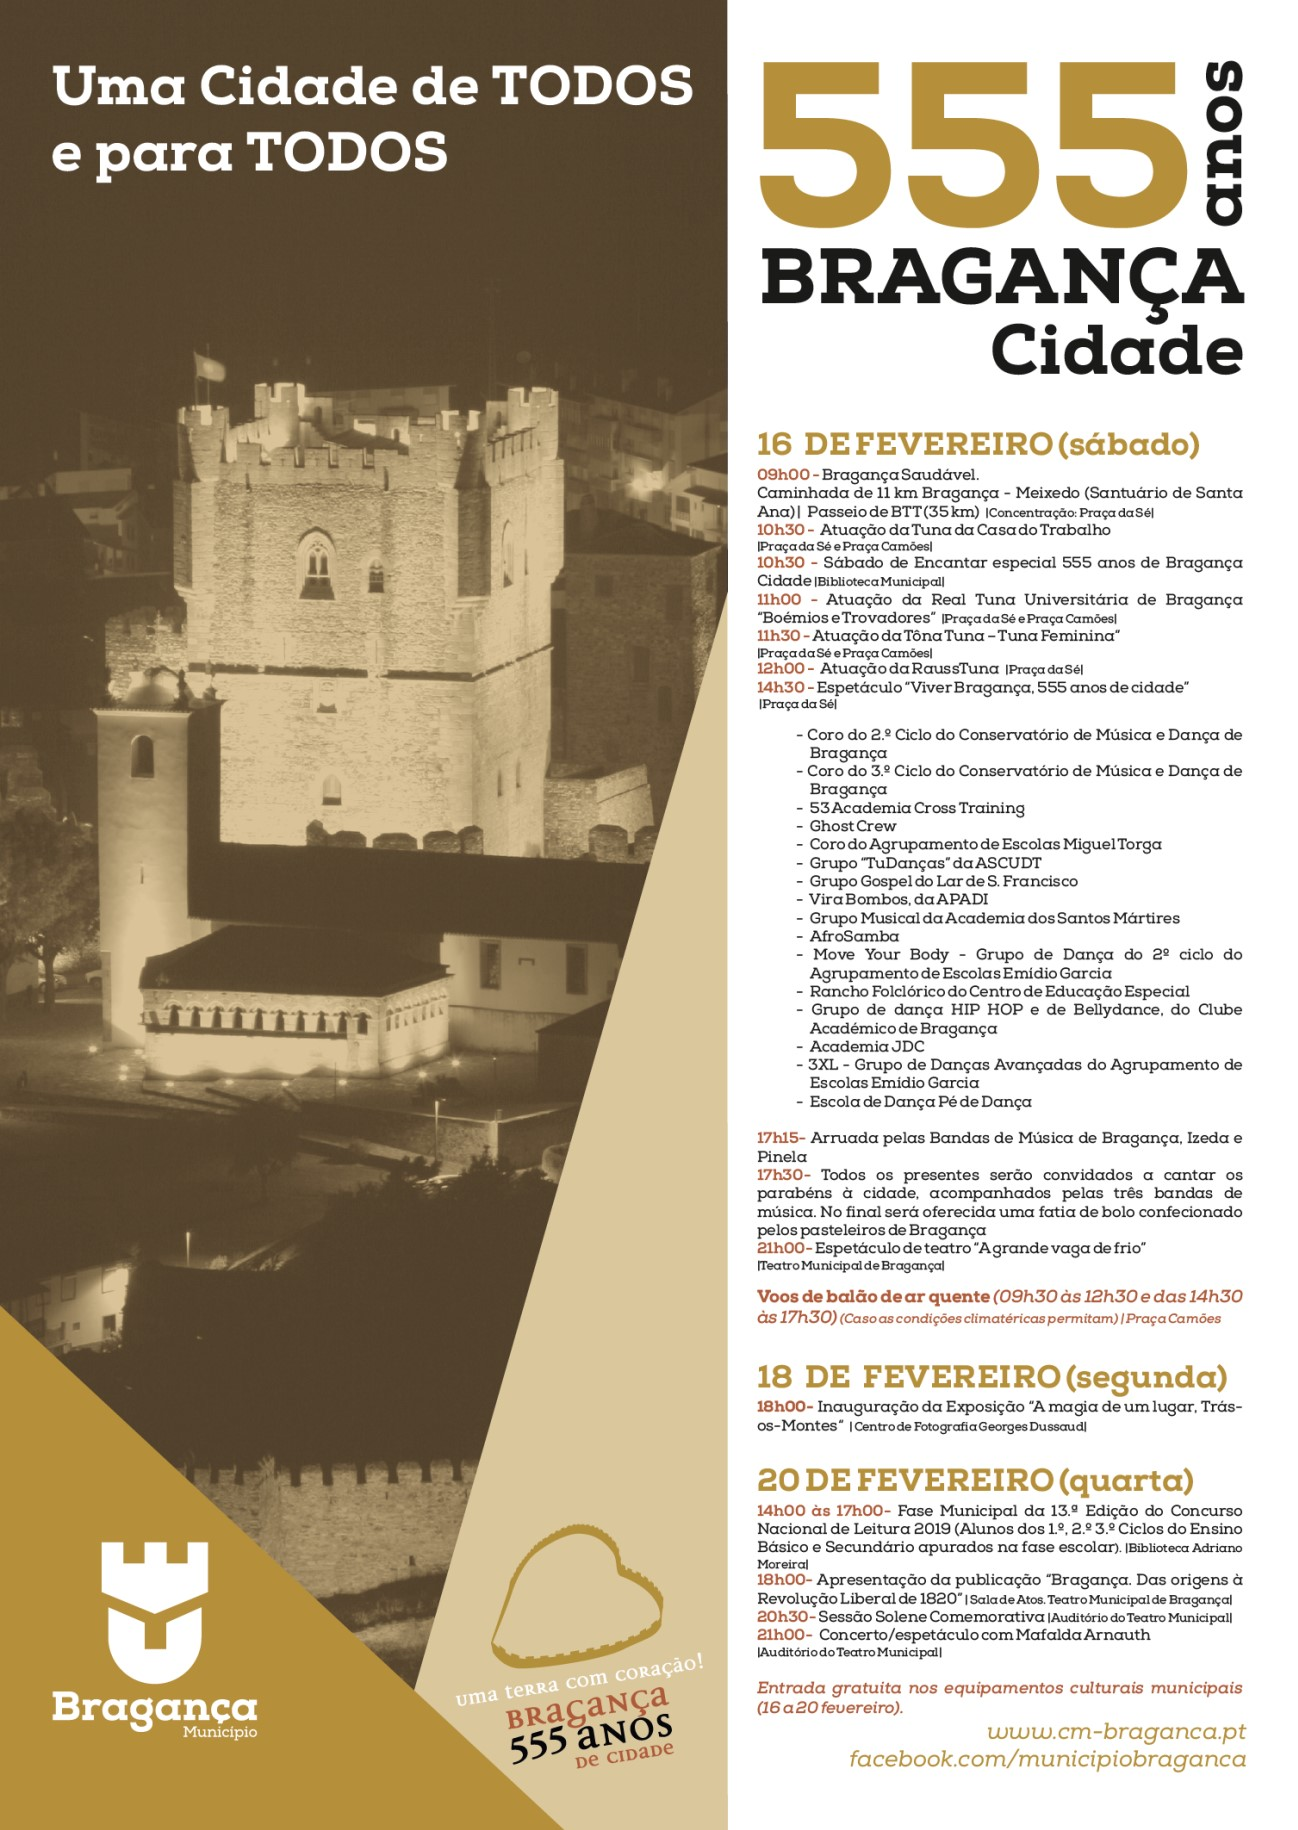 Bragança comemora os 555 anos de cidade